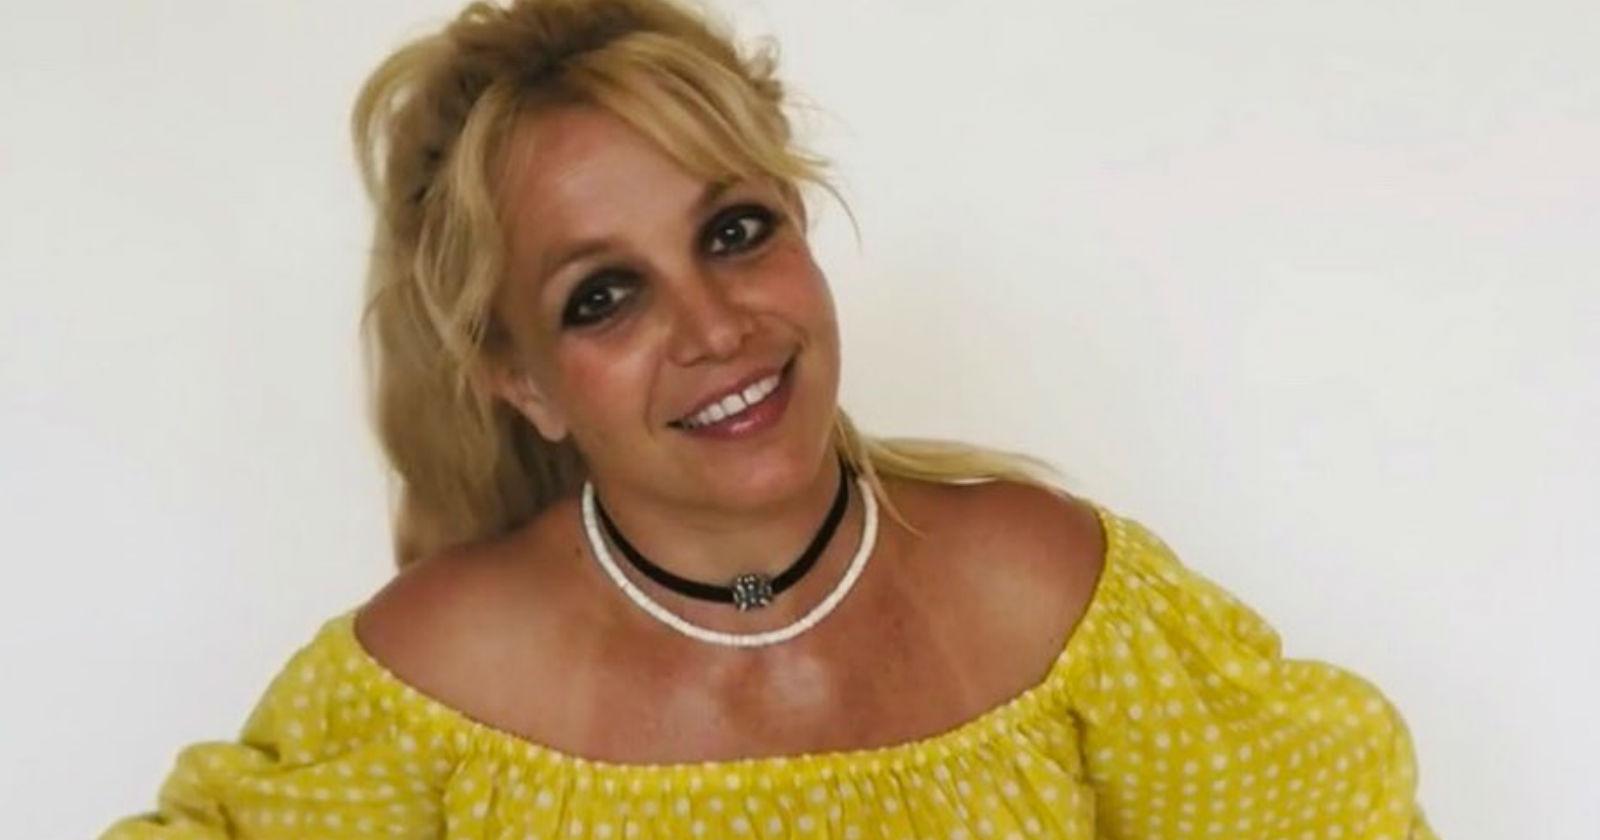 """Abogado de Britney Spears comparó su capacidad mental con la de """"un paciente en coma"""""""